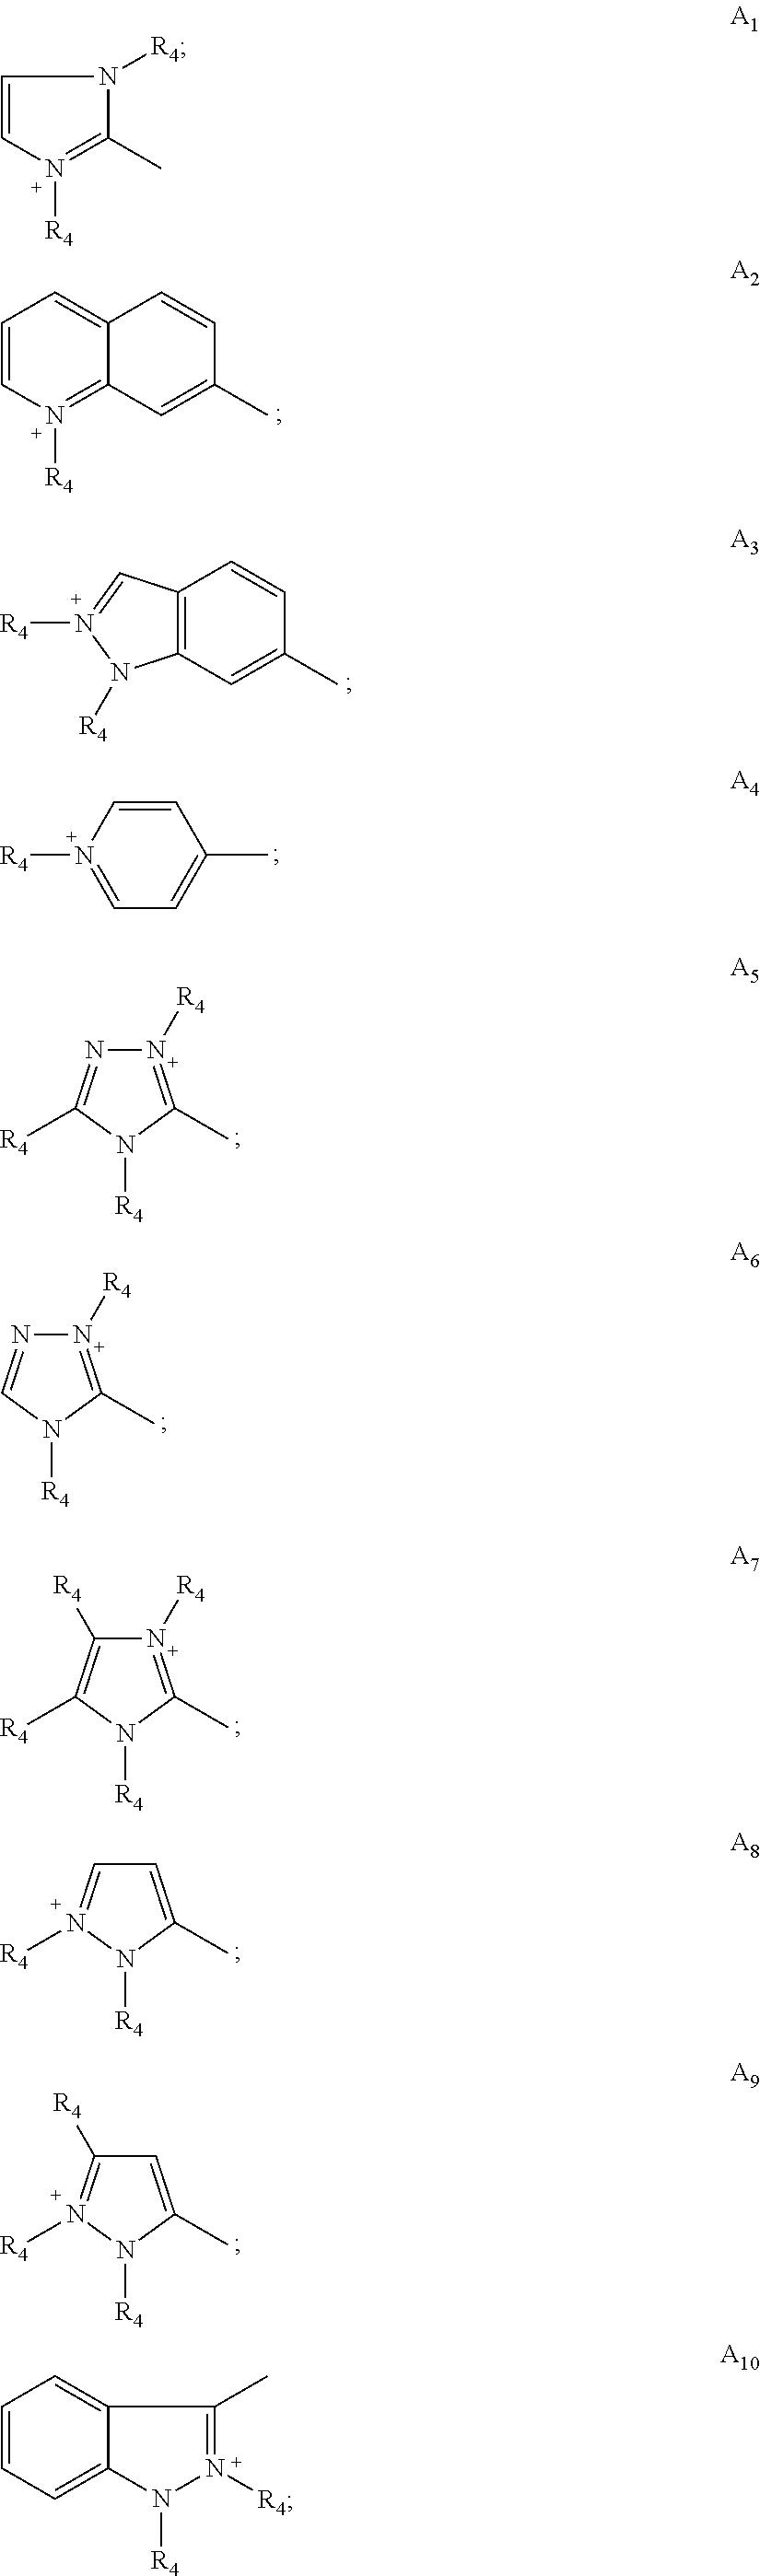 Figure US20110155167A1-20110630-C00006